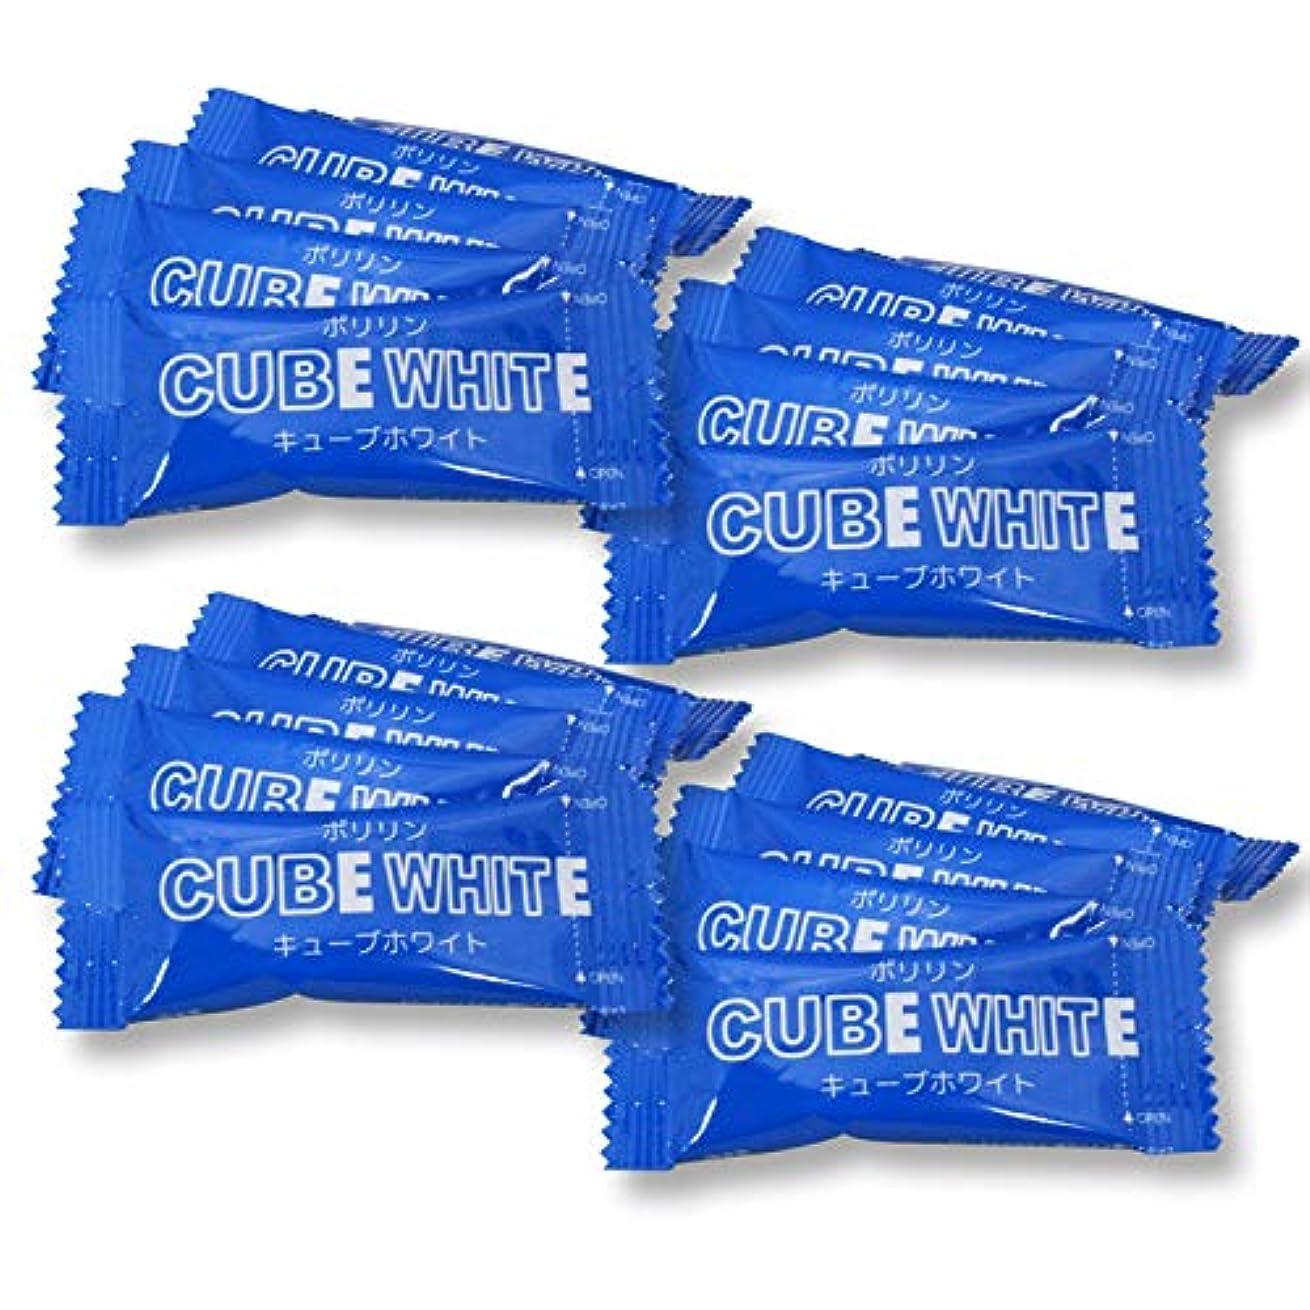 胆嚢アルバム野なリジェンティス キューブホワイト 【20袋入】 歯面専用 スポンジ 歯 ブラシ 付き ホワイトニング 歯磨き